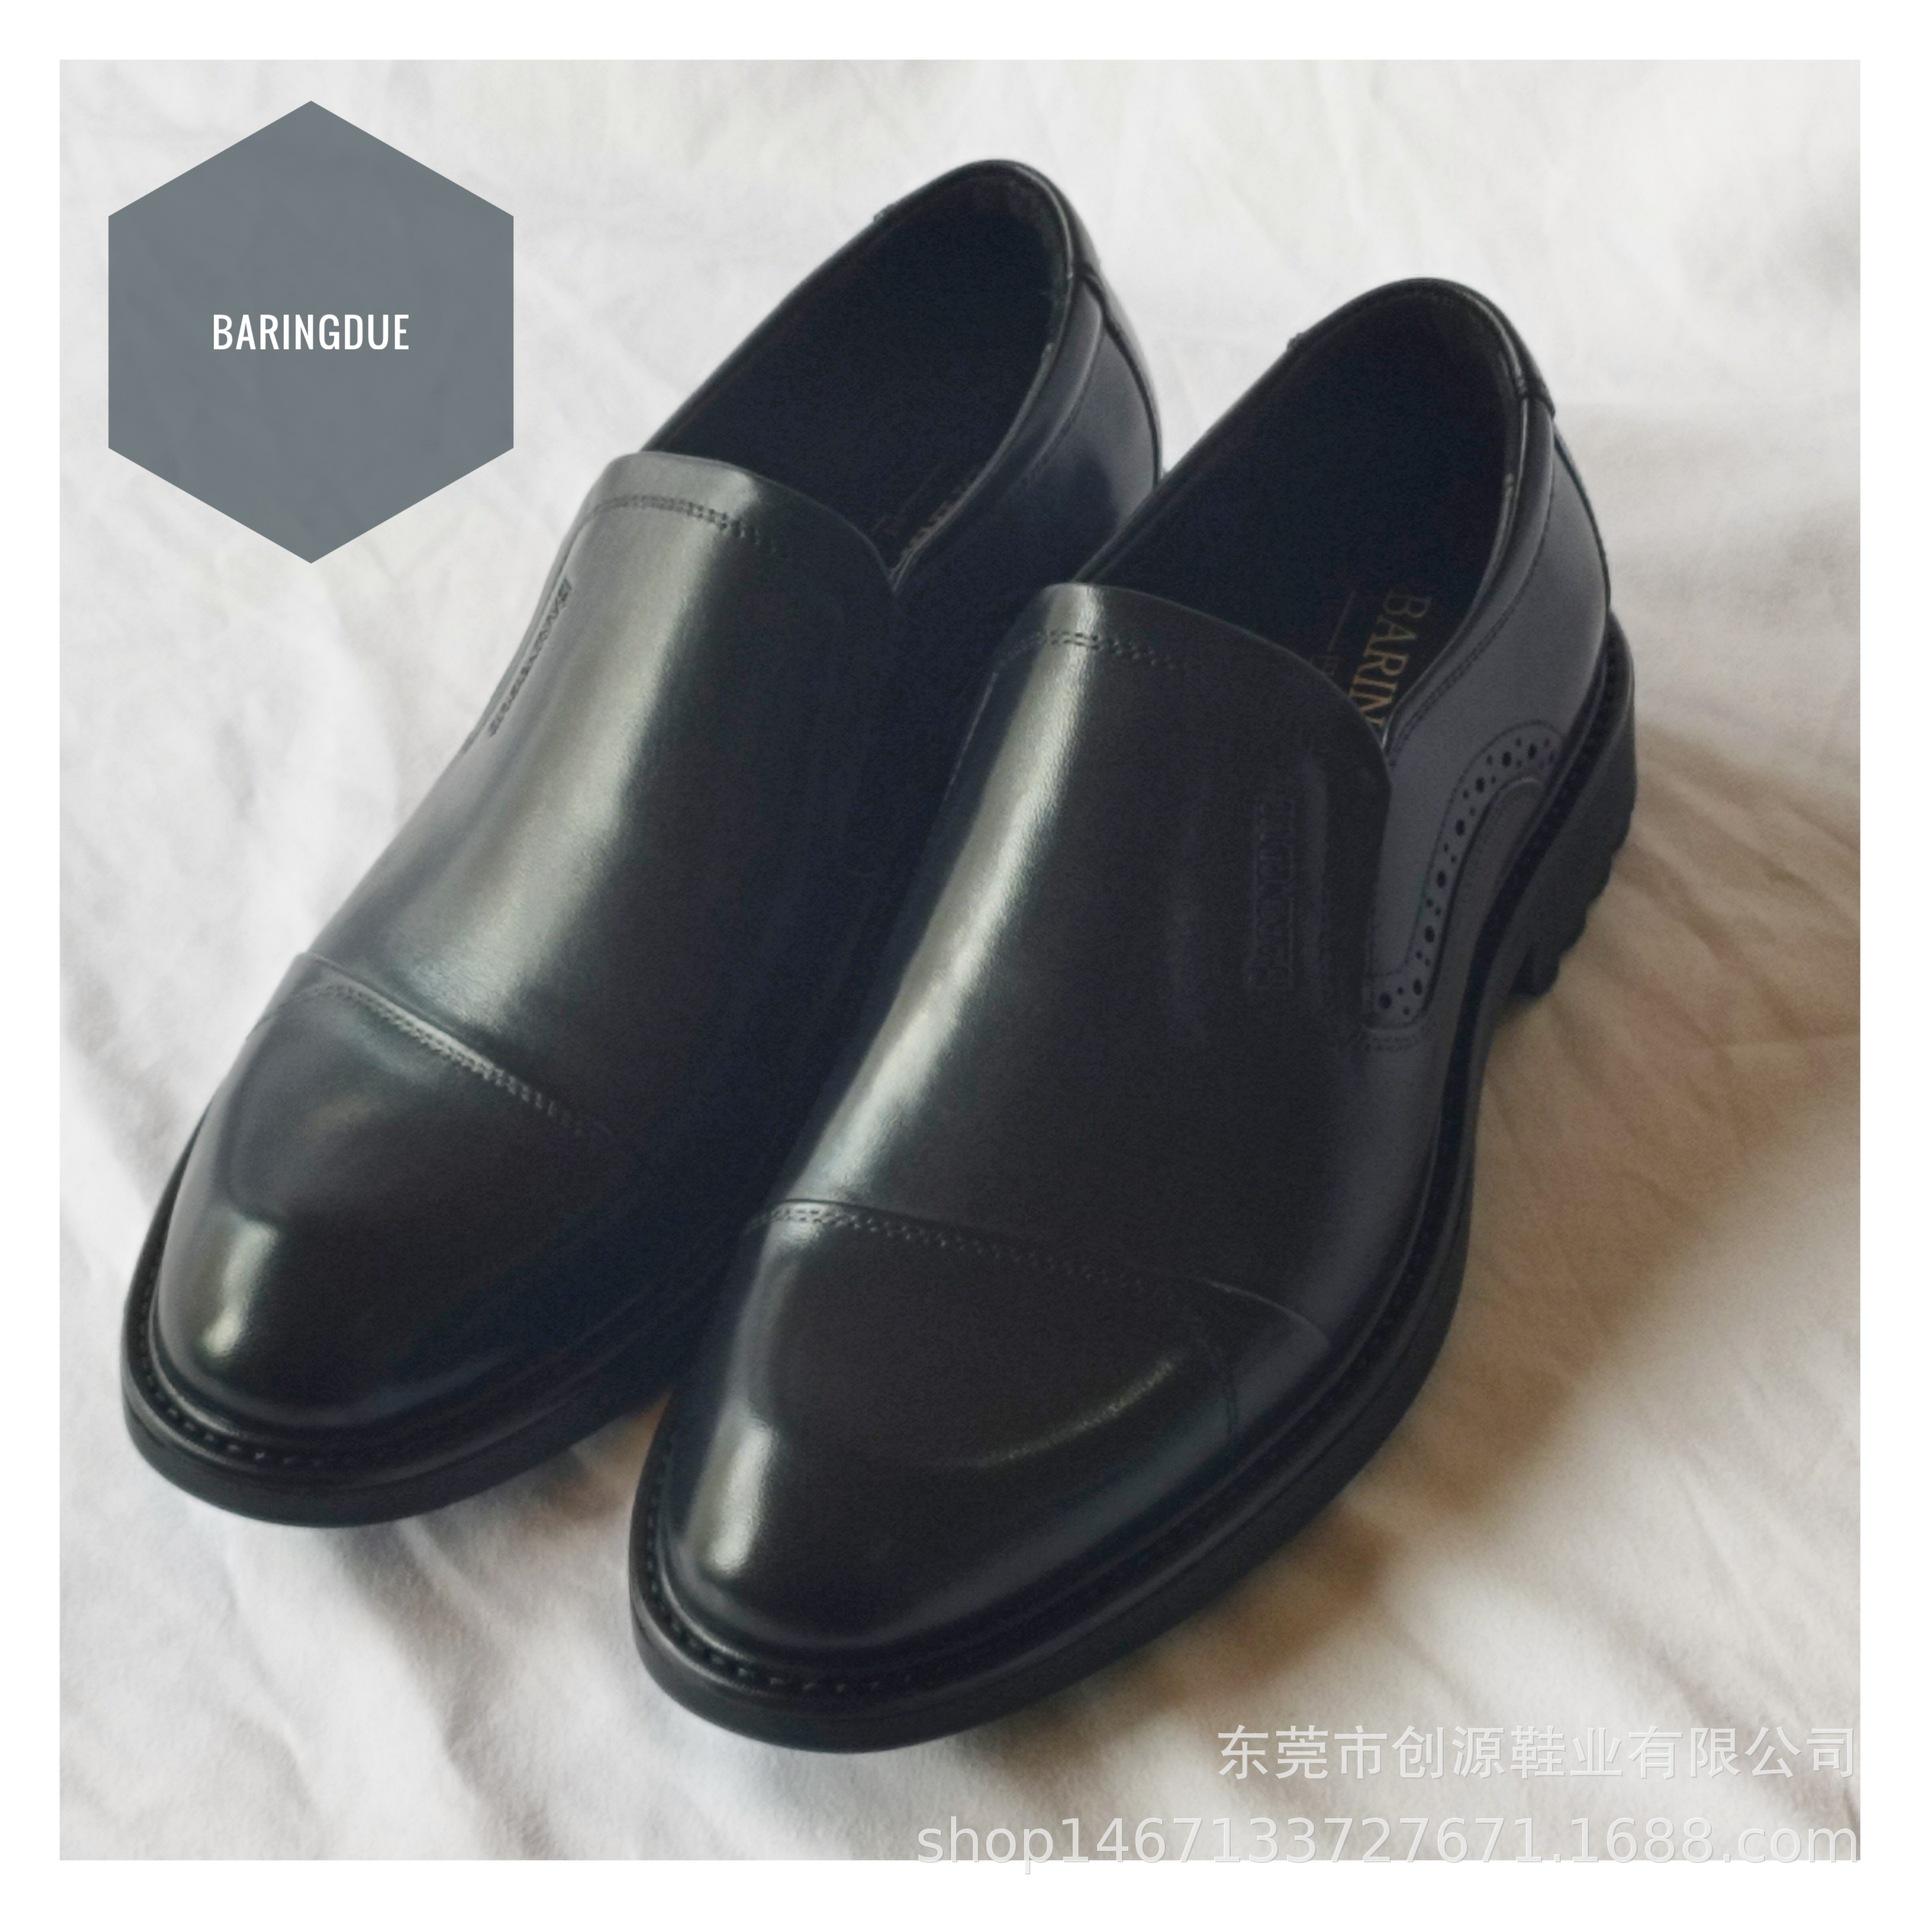 2020新款时尚潮流舒适透气商务休闲高档内增高真皮皮鞋